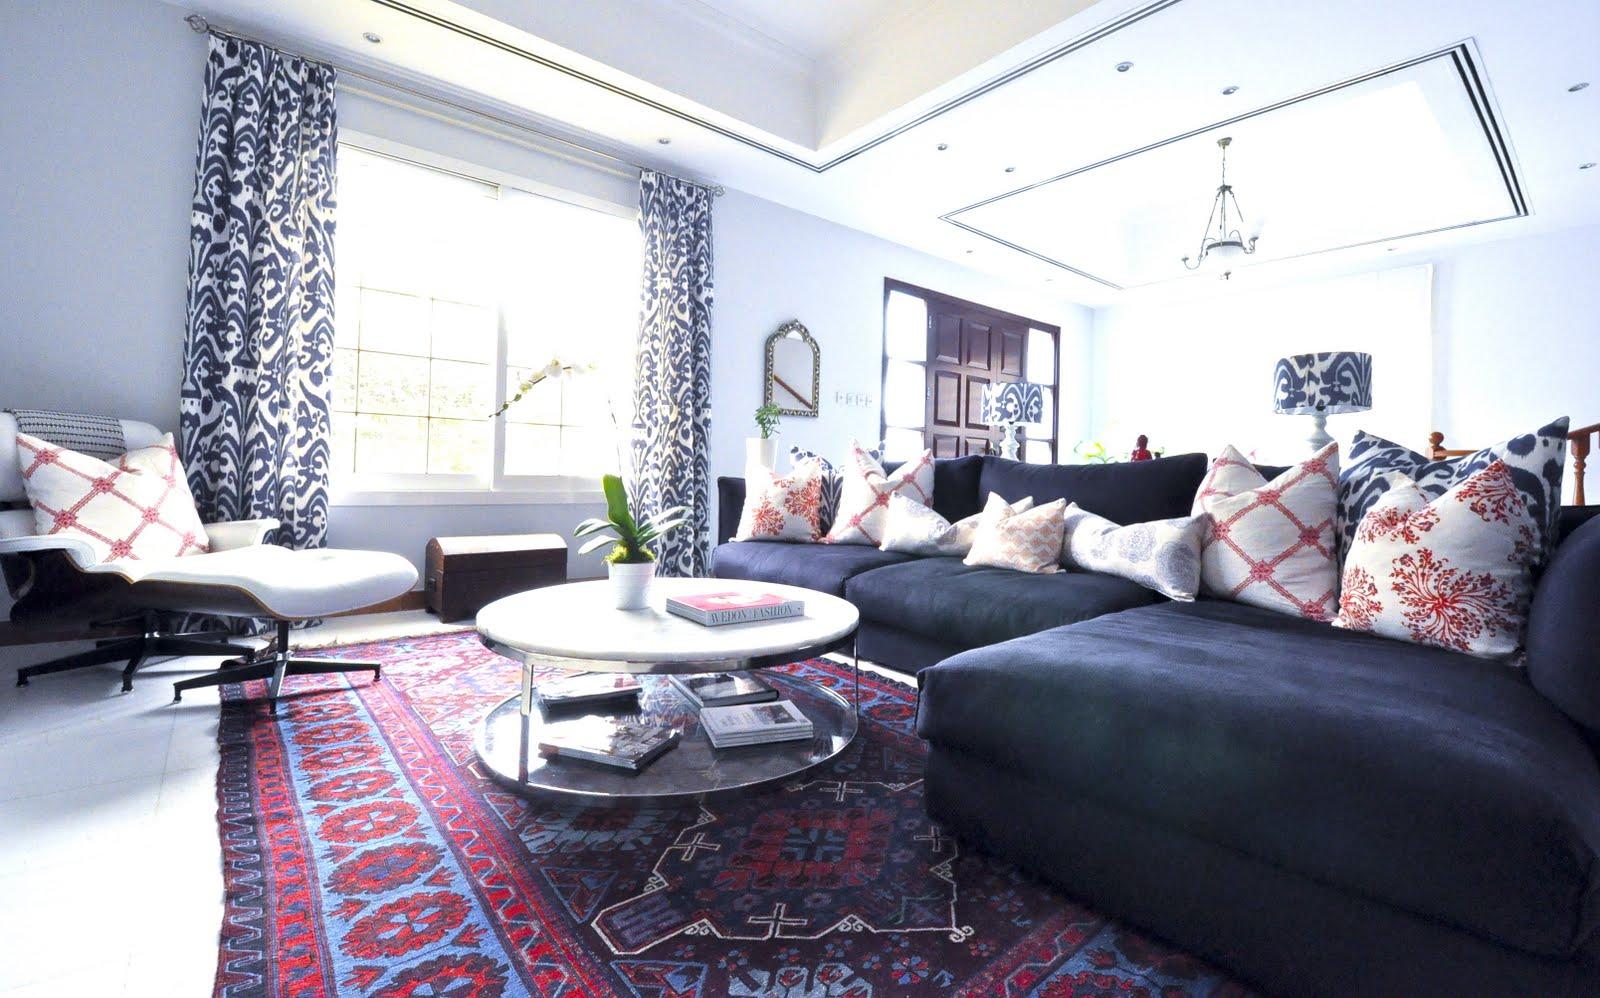 انتخاب رنگ فرش در دکوراسیون منزل